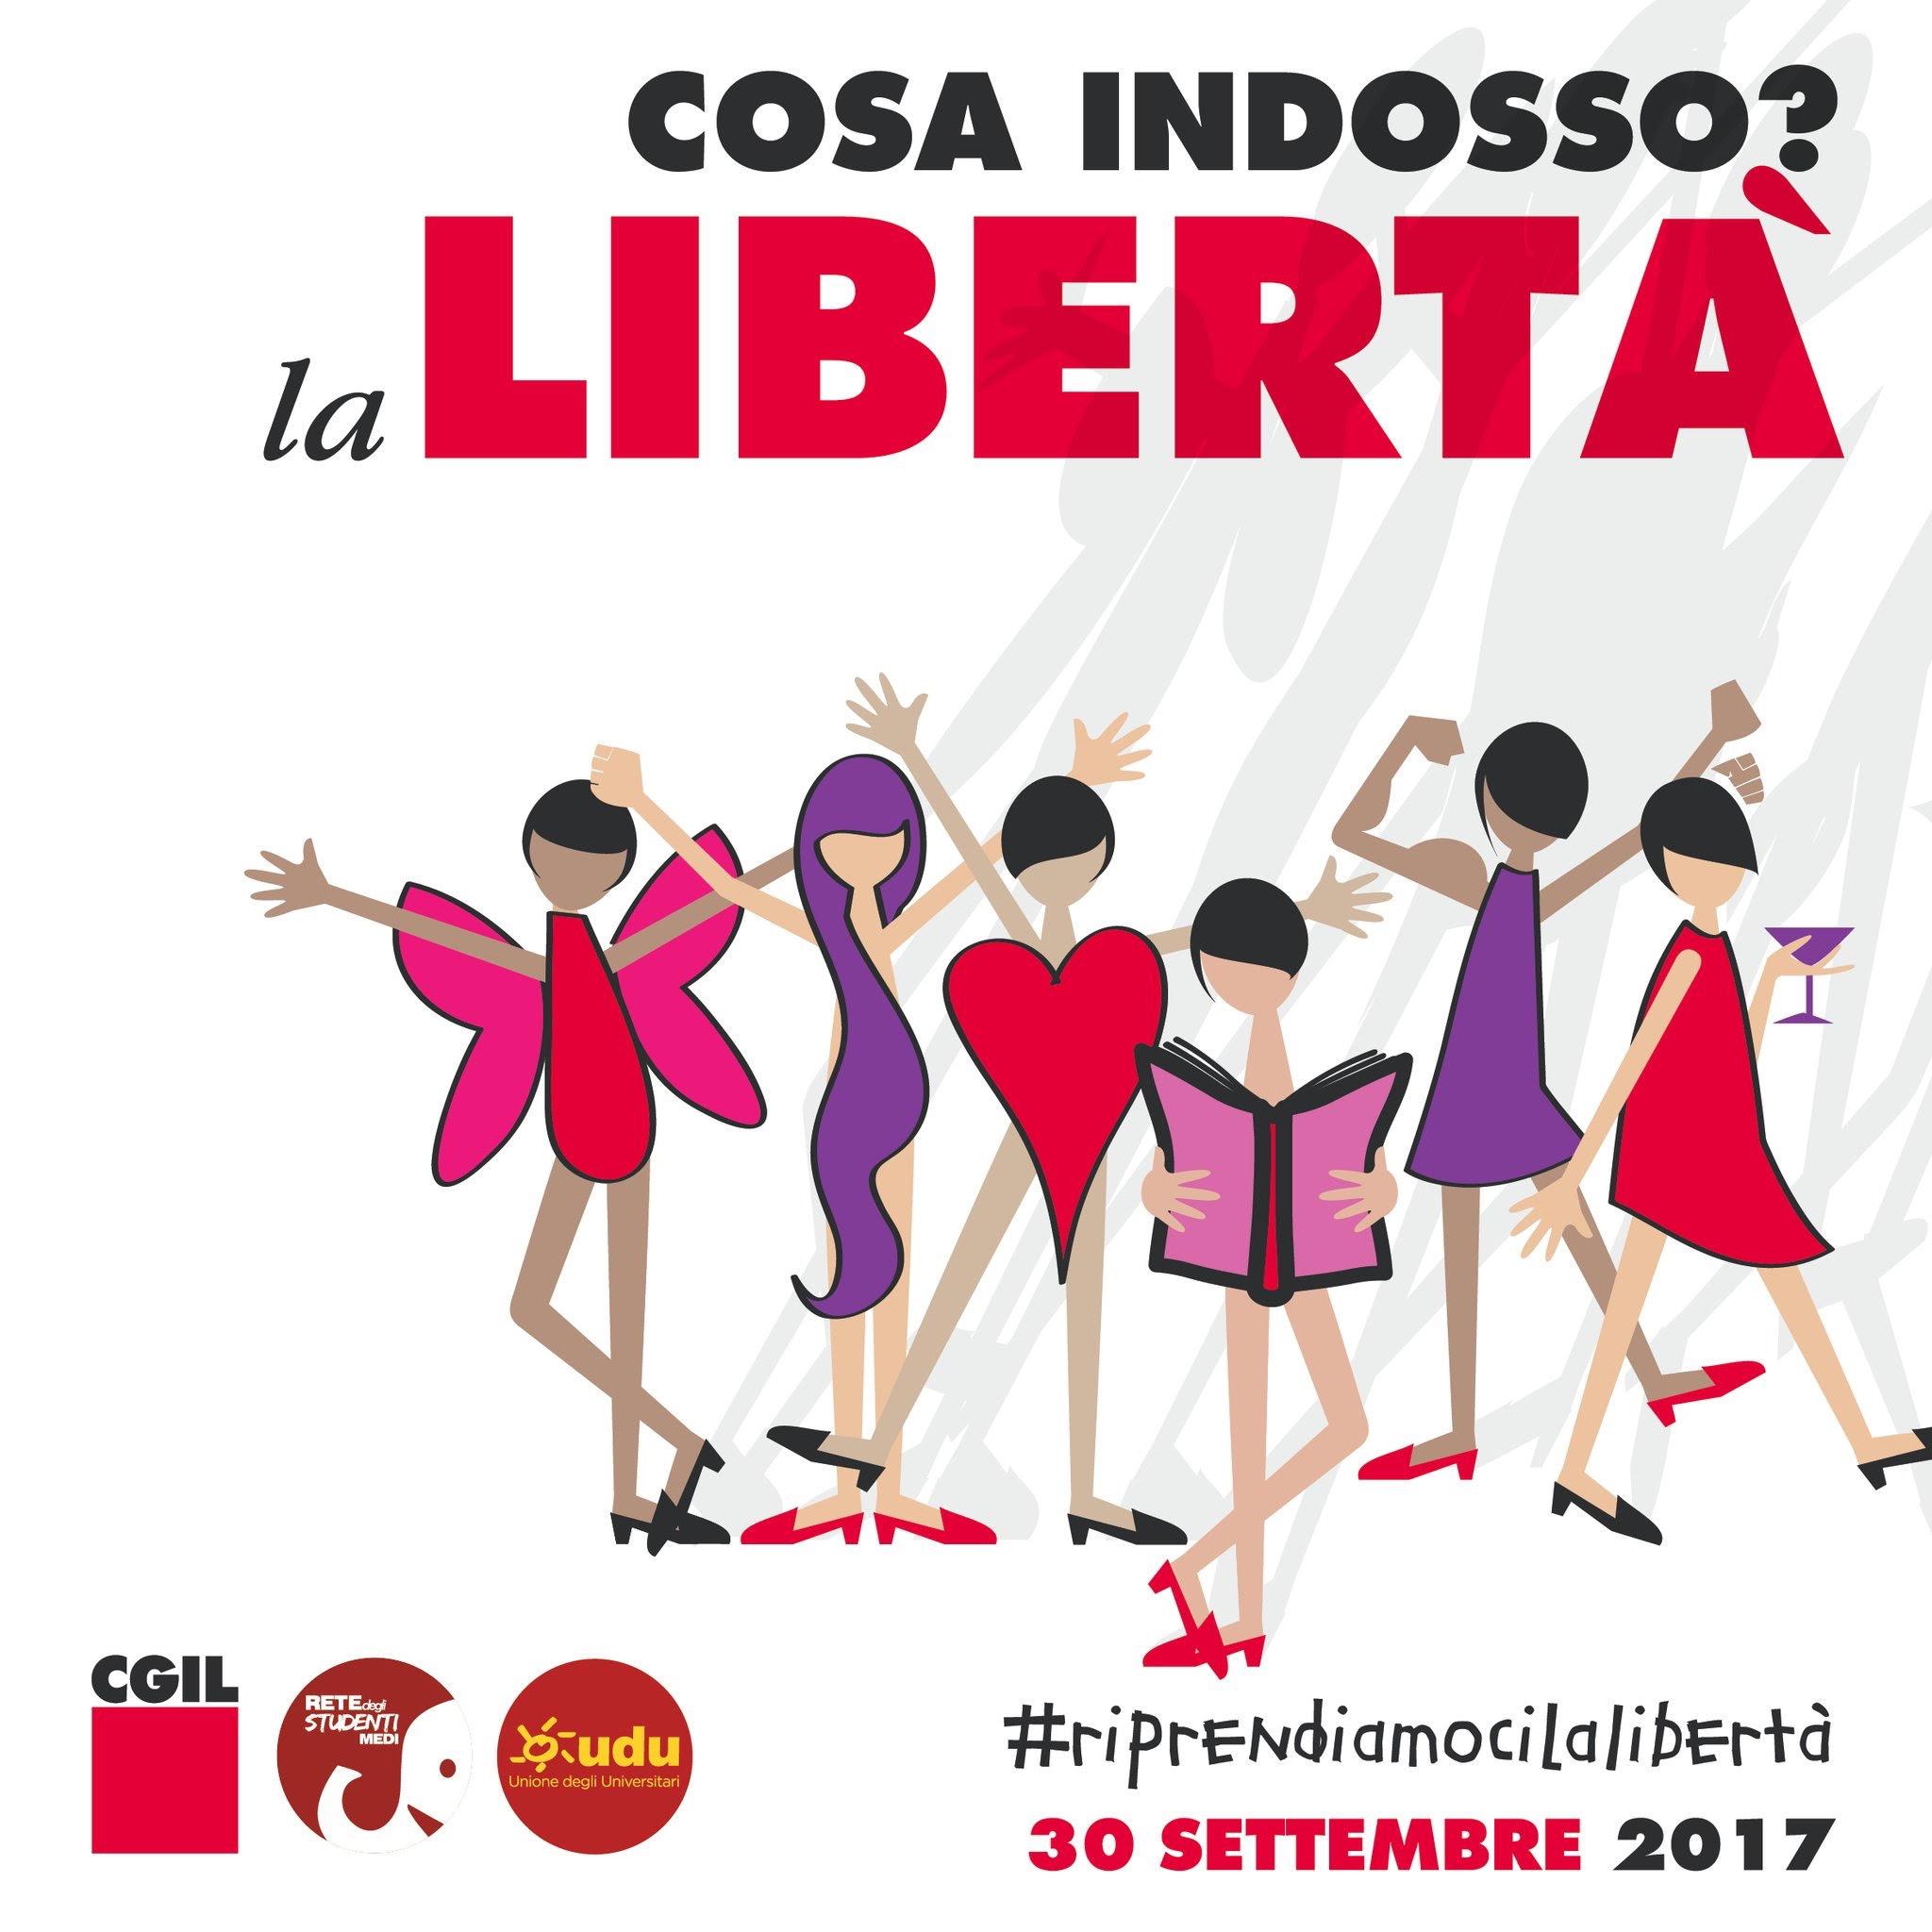 Violenza Sulle Donne: Sabato Alle Ore 18 A Piazza Verdi Volantinaggio Della Cgil E Delle Associazioni. Le Donne Chiedono Un Cambio Di Rotta: Manifestazioni In Tutt'Italia